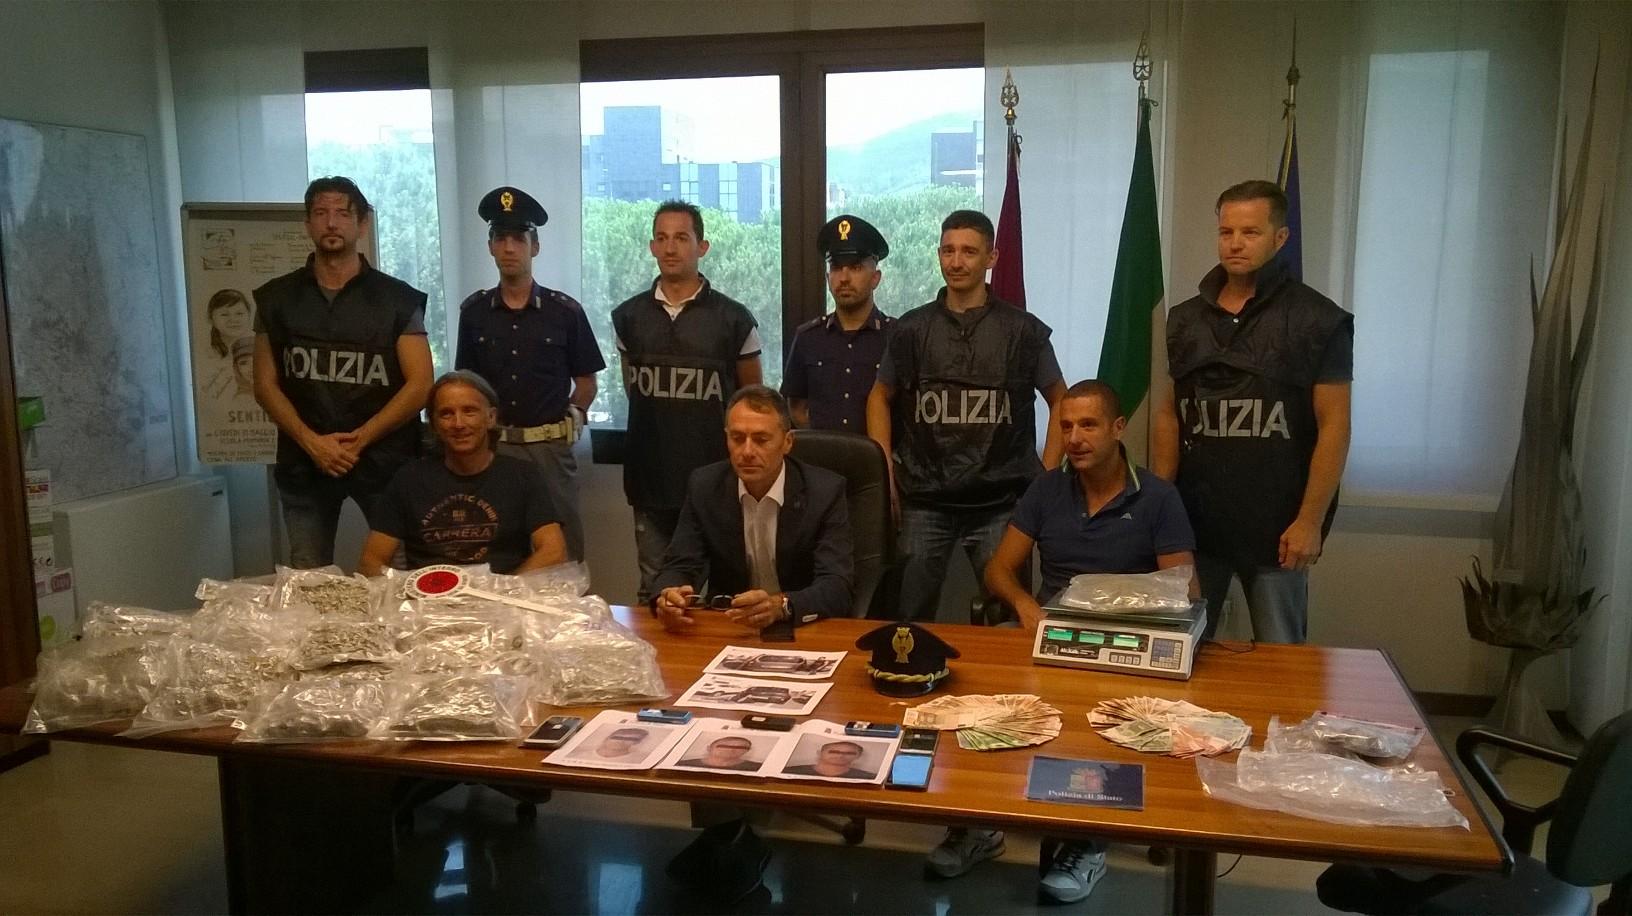 Traffico internazionale di marijuana dalla Spagna: Tre arresti e sequestro di 11 chili di droga